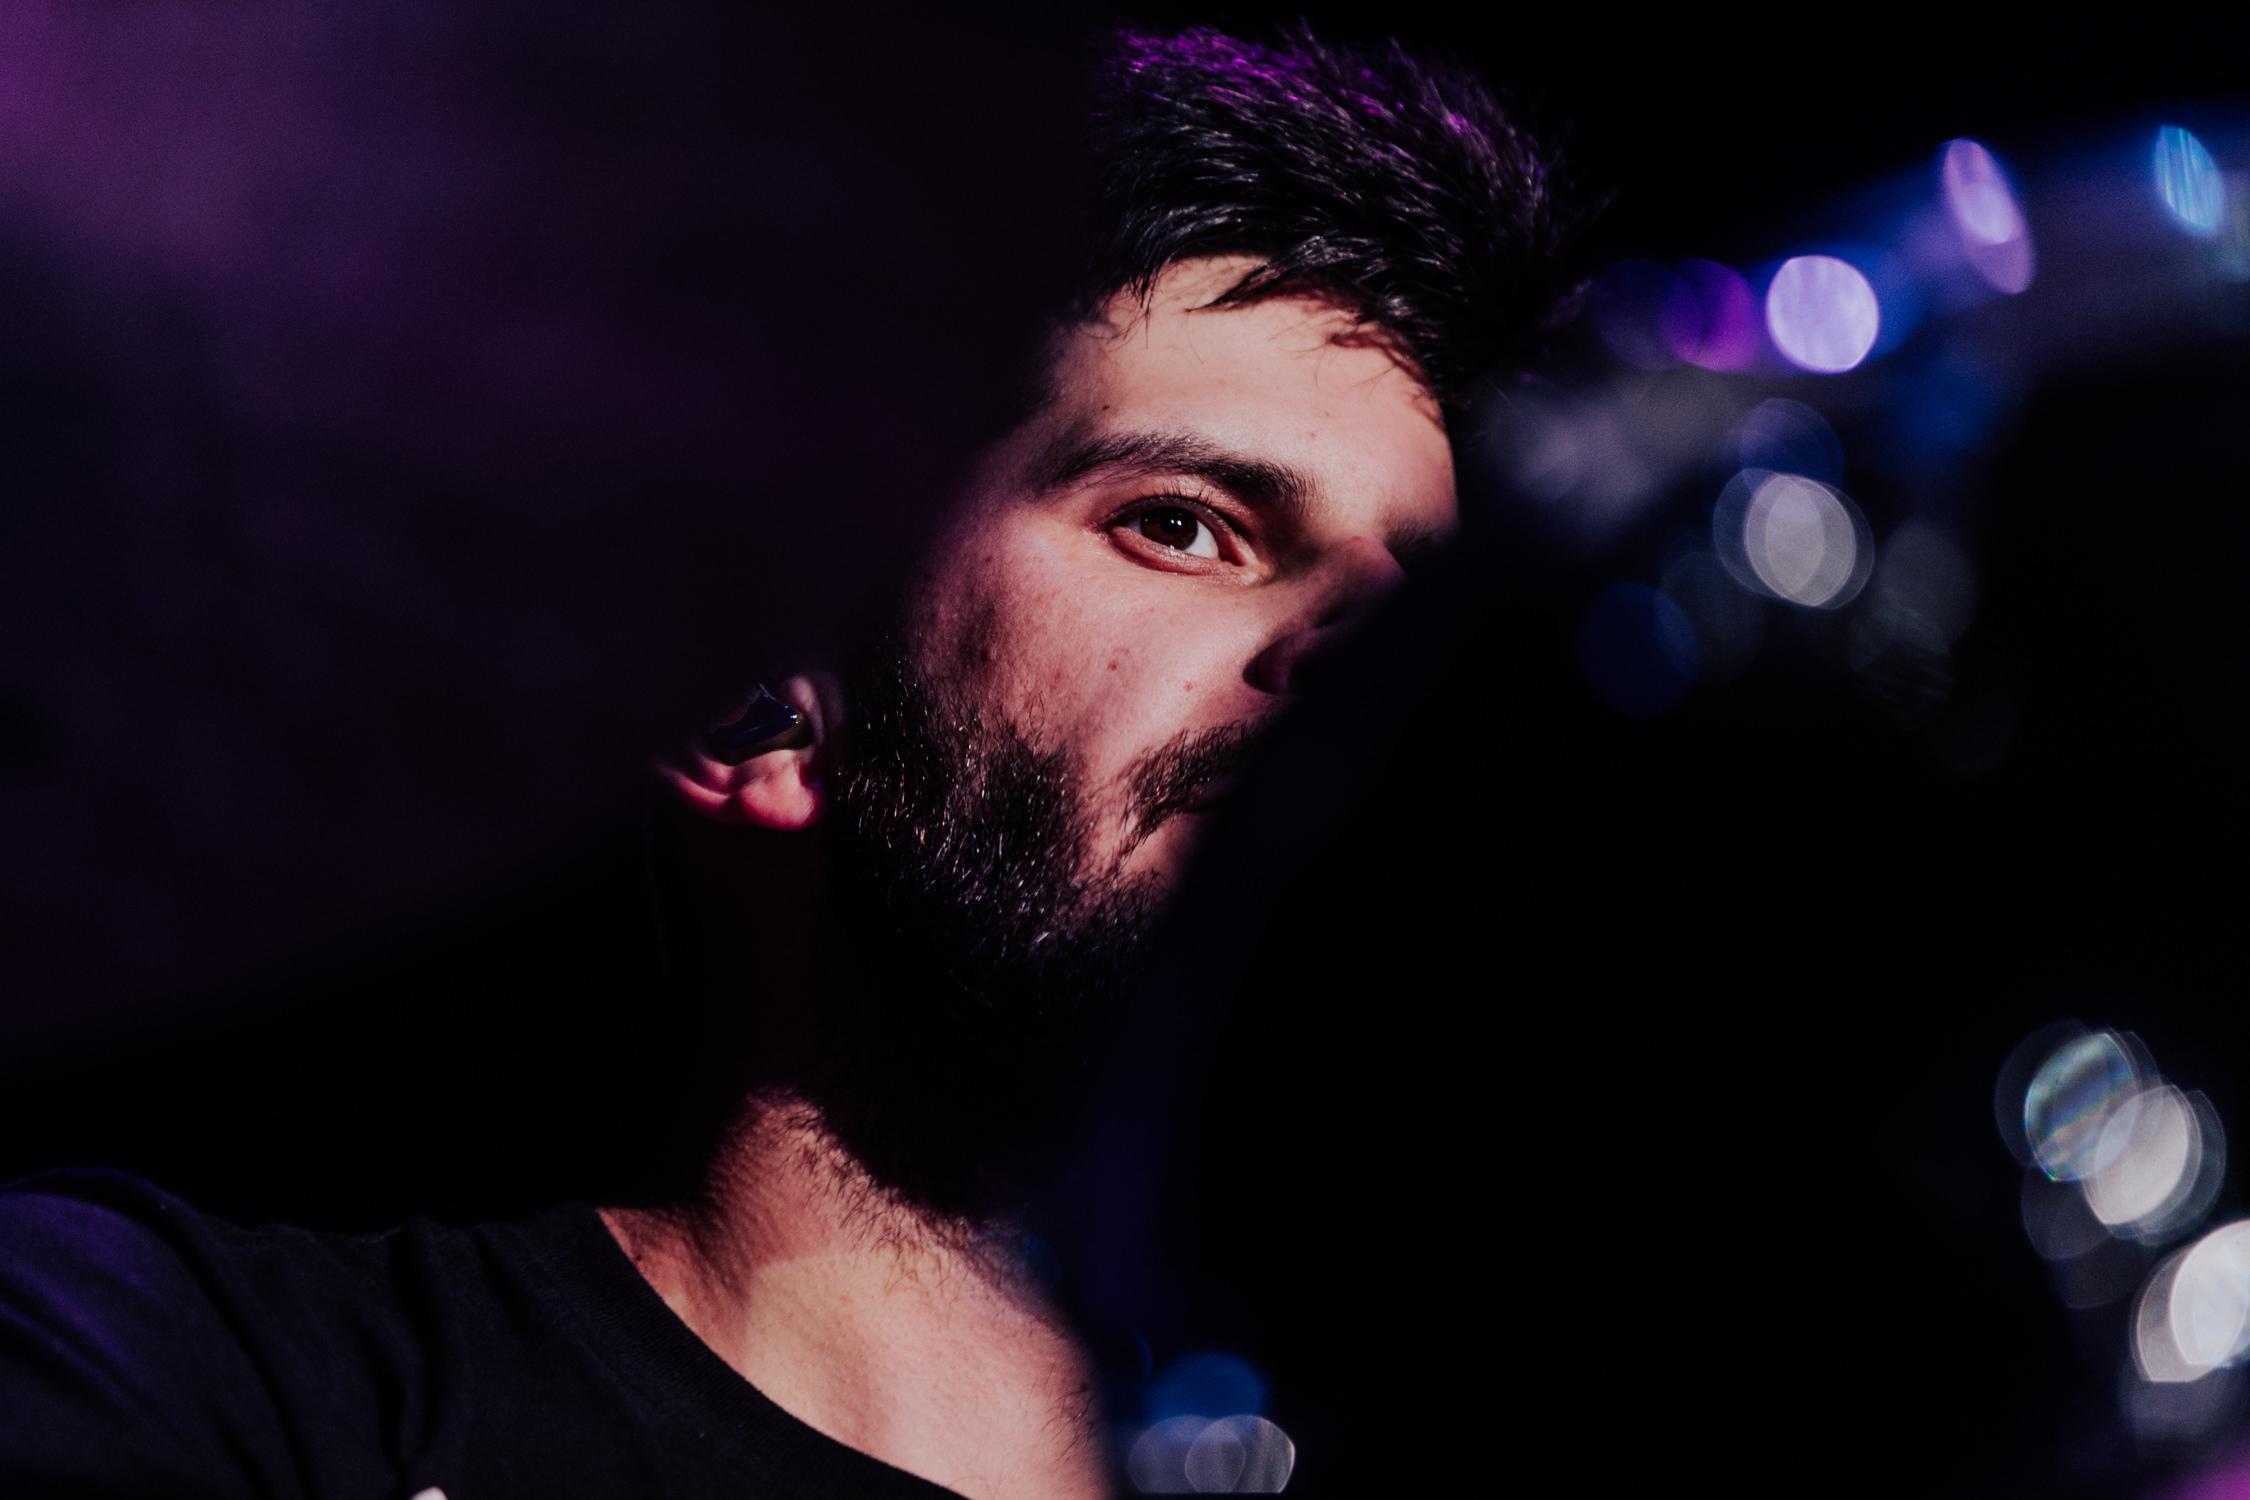 adam-levin-eye-through-drums-concert-portrait-AnnaLeeMedia